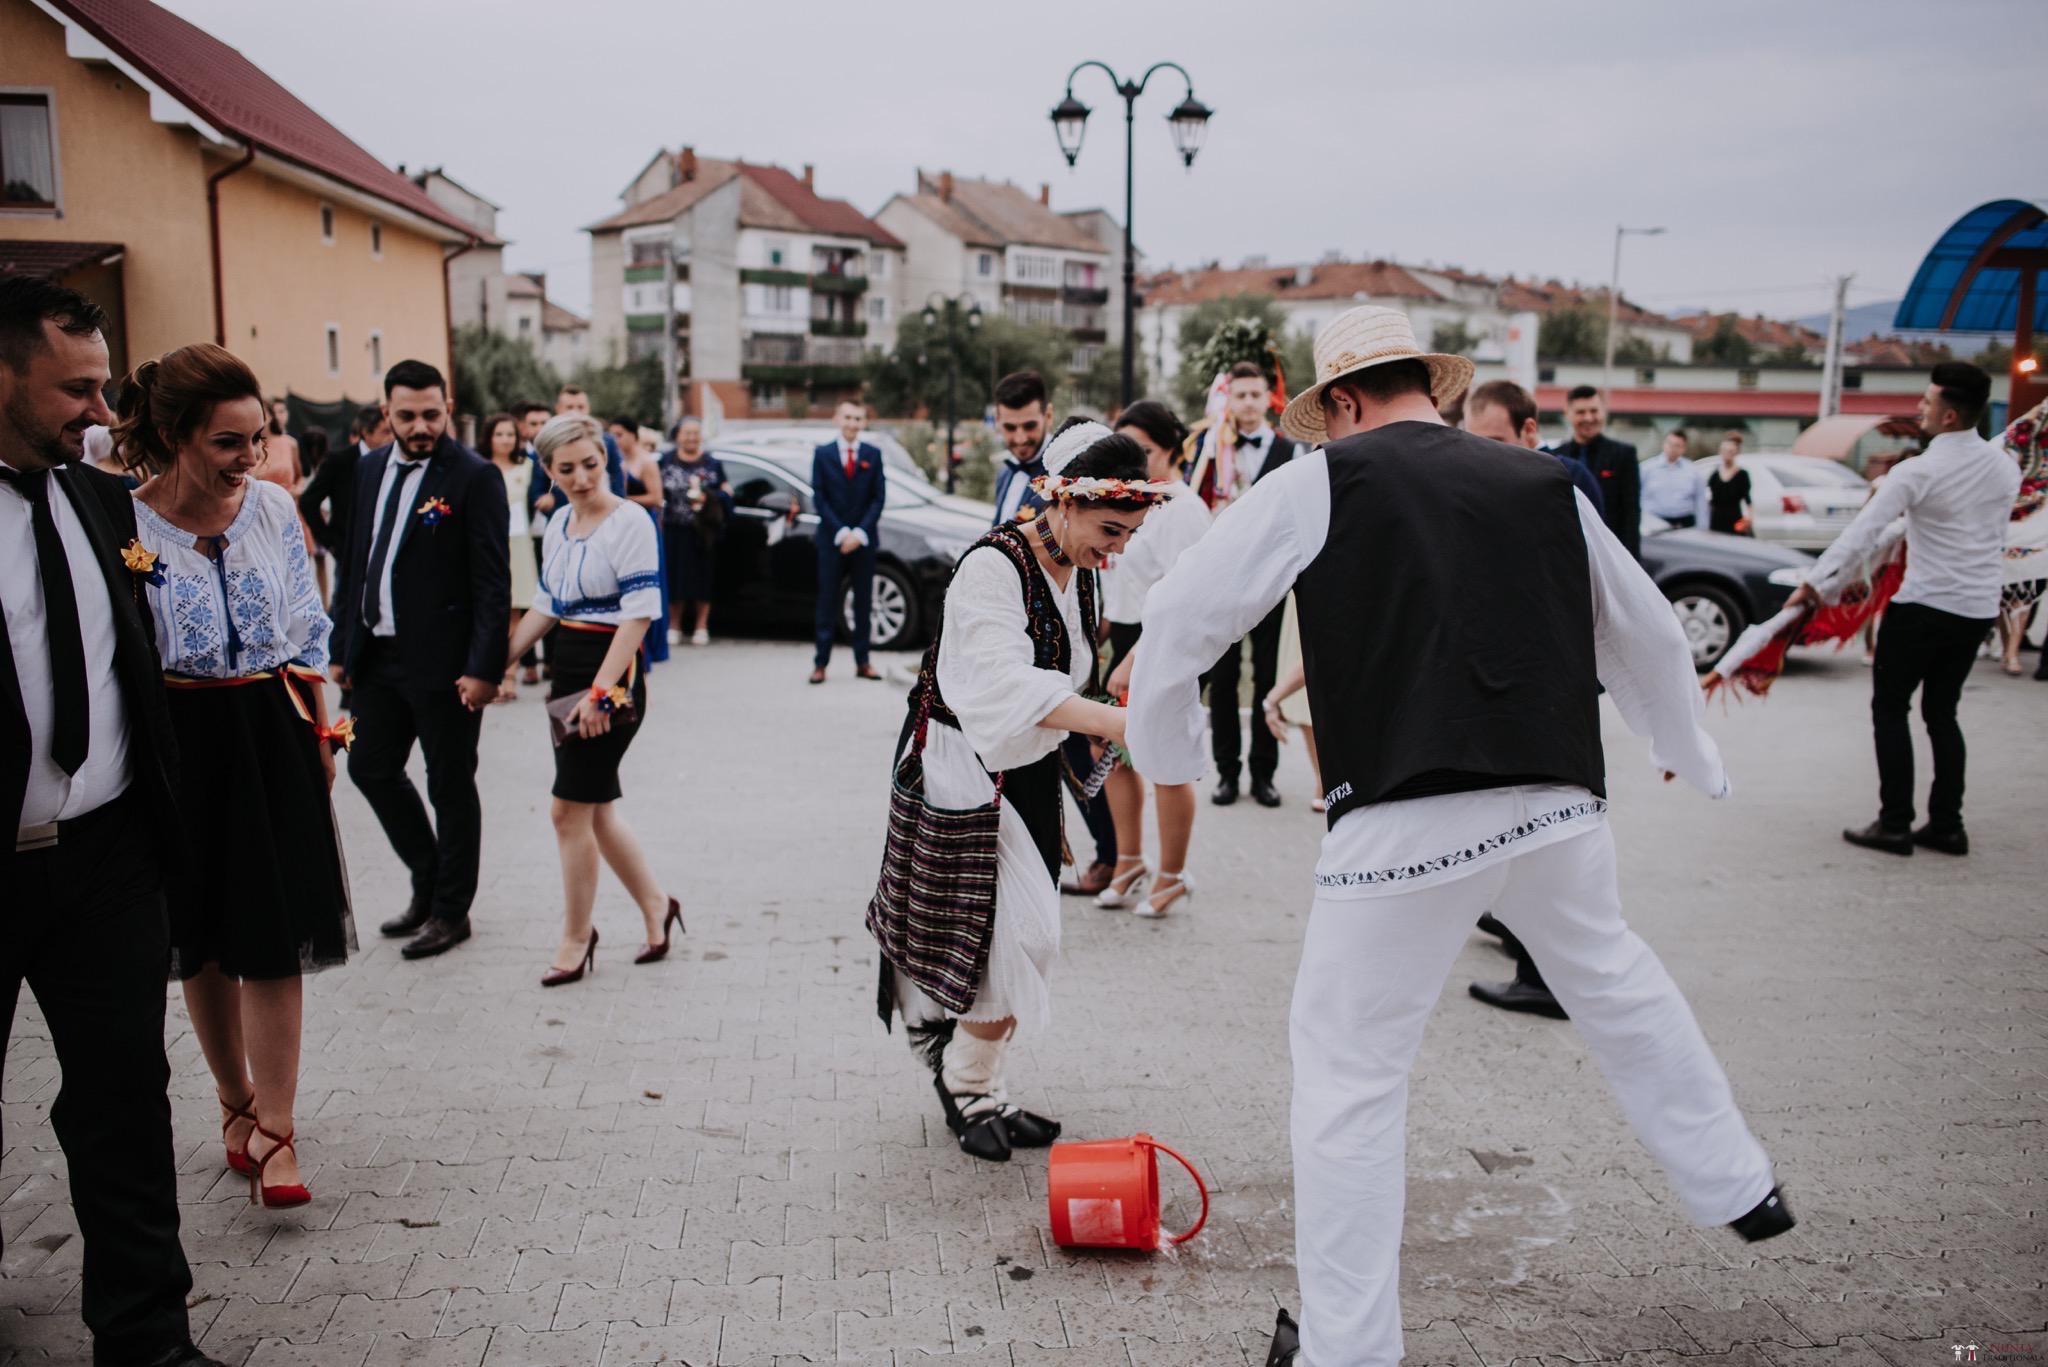 Povești Nunți Tradiționale - Silvia și Adrian. Nuntă tradițională în Ghighișeni, Bihor 66